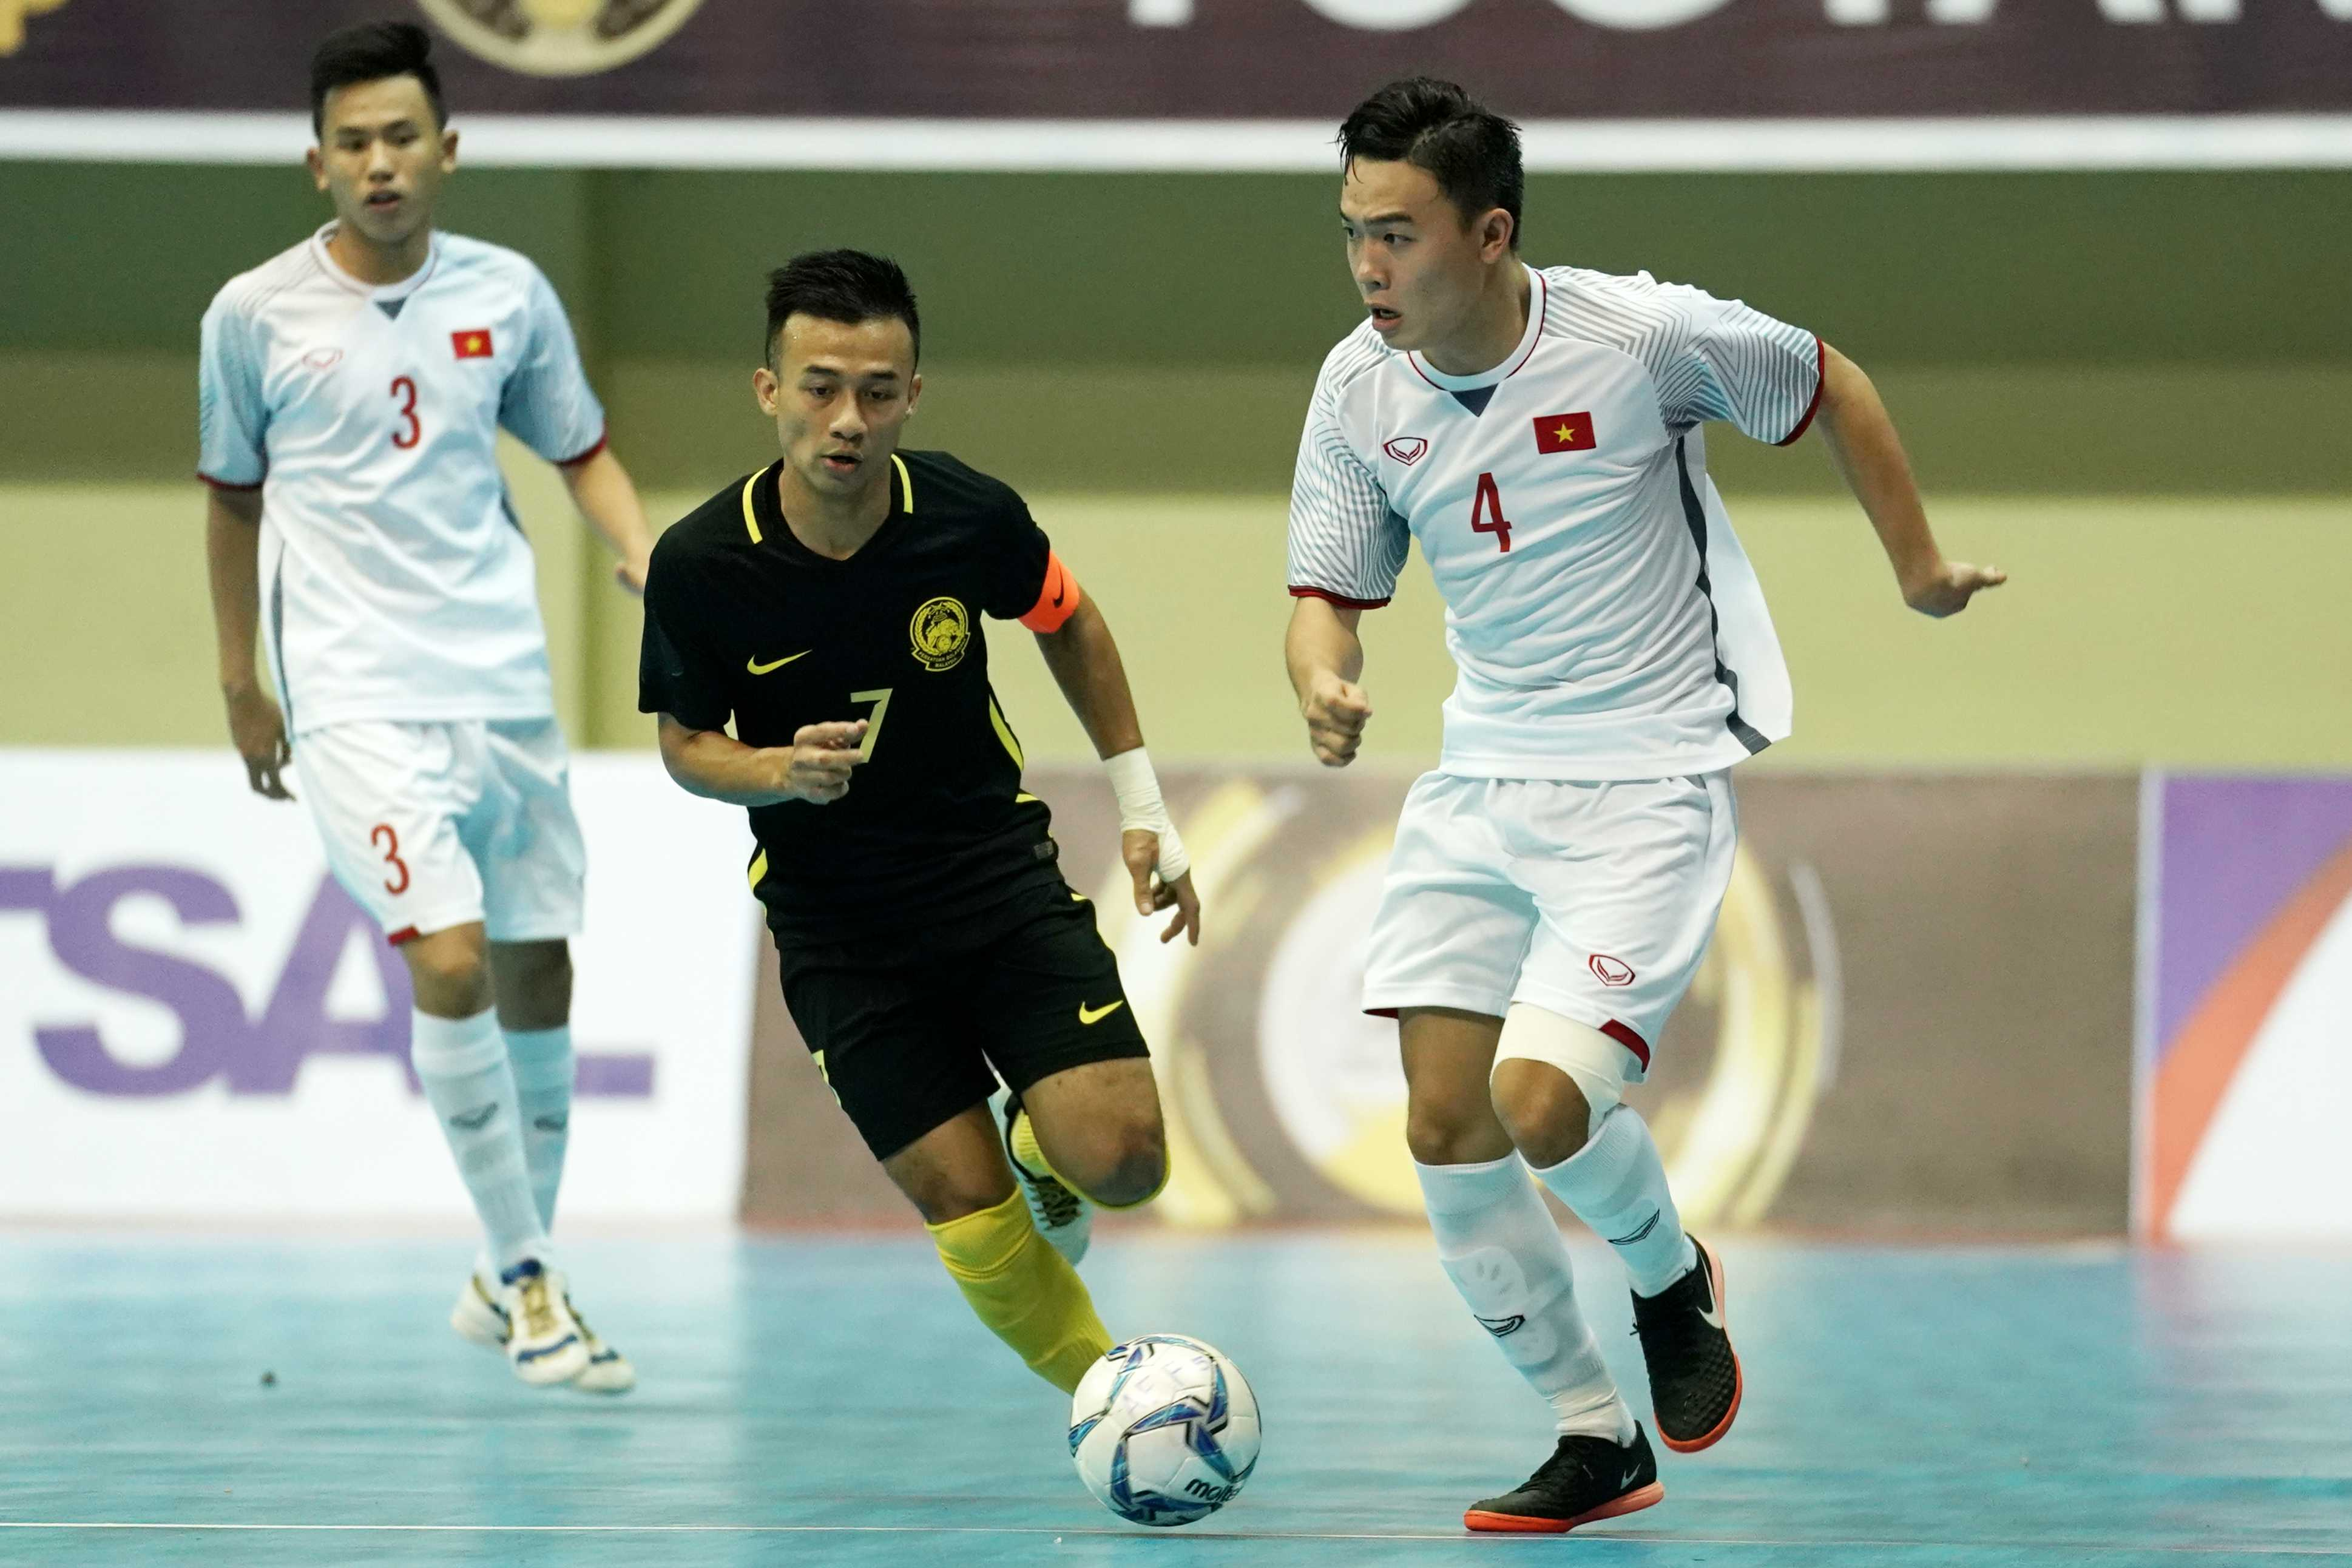 Thua đau trên chấm phạt đền, ĐT Futsal Việt Nam mất vé vào chung kết - Bóng Đá